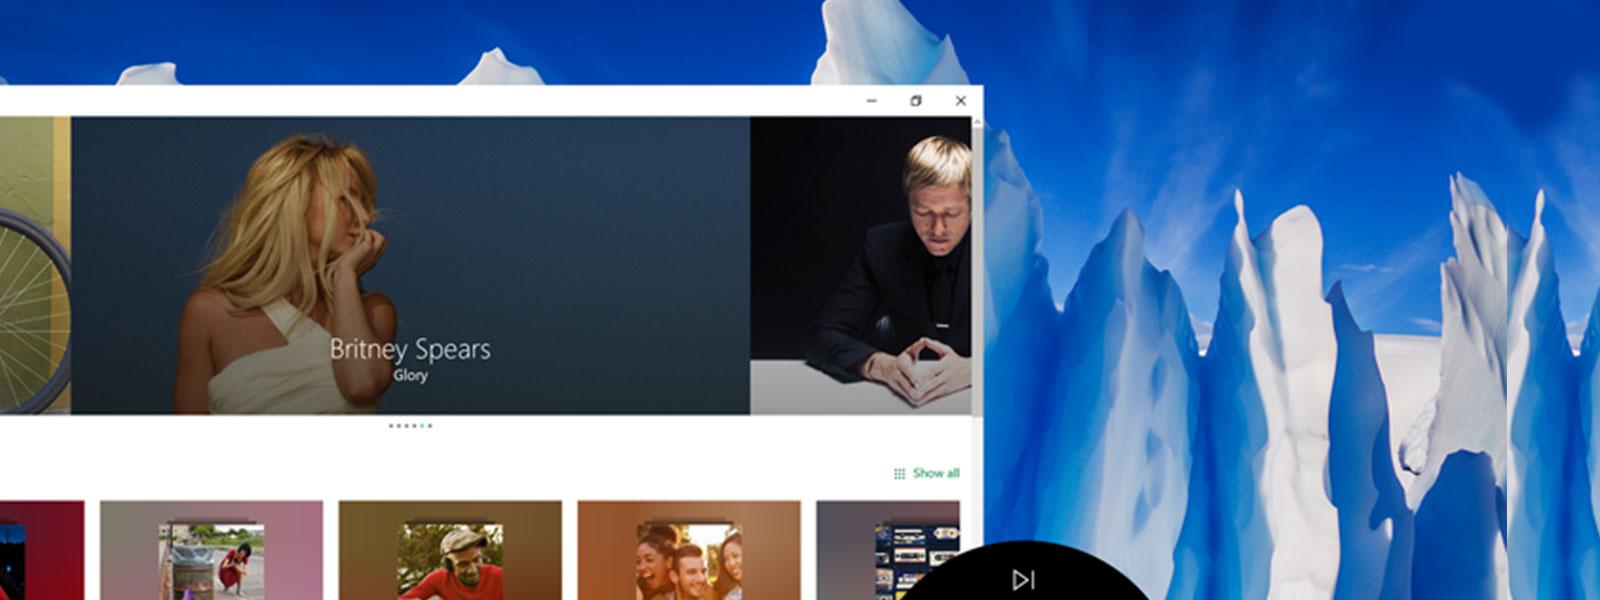 Windows 10 Sininen Ruutu